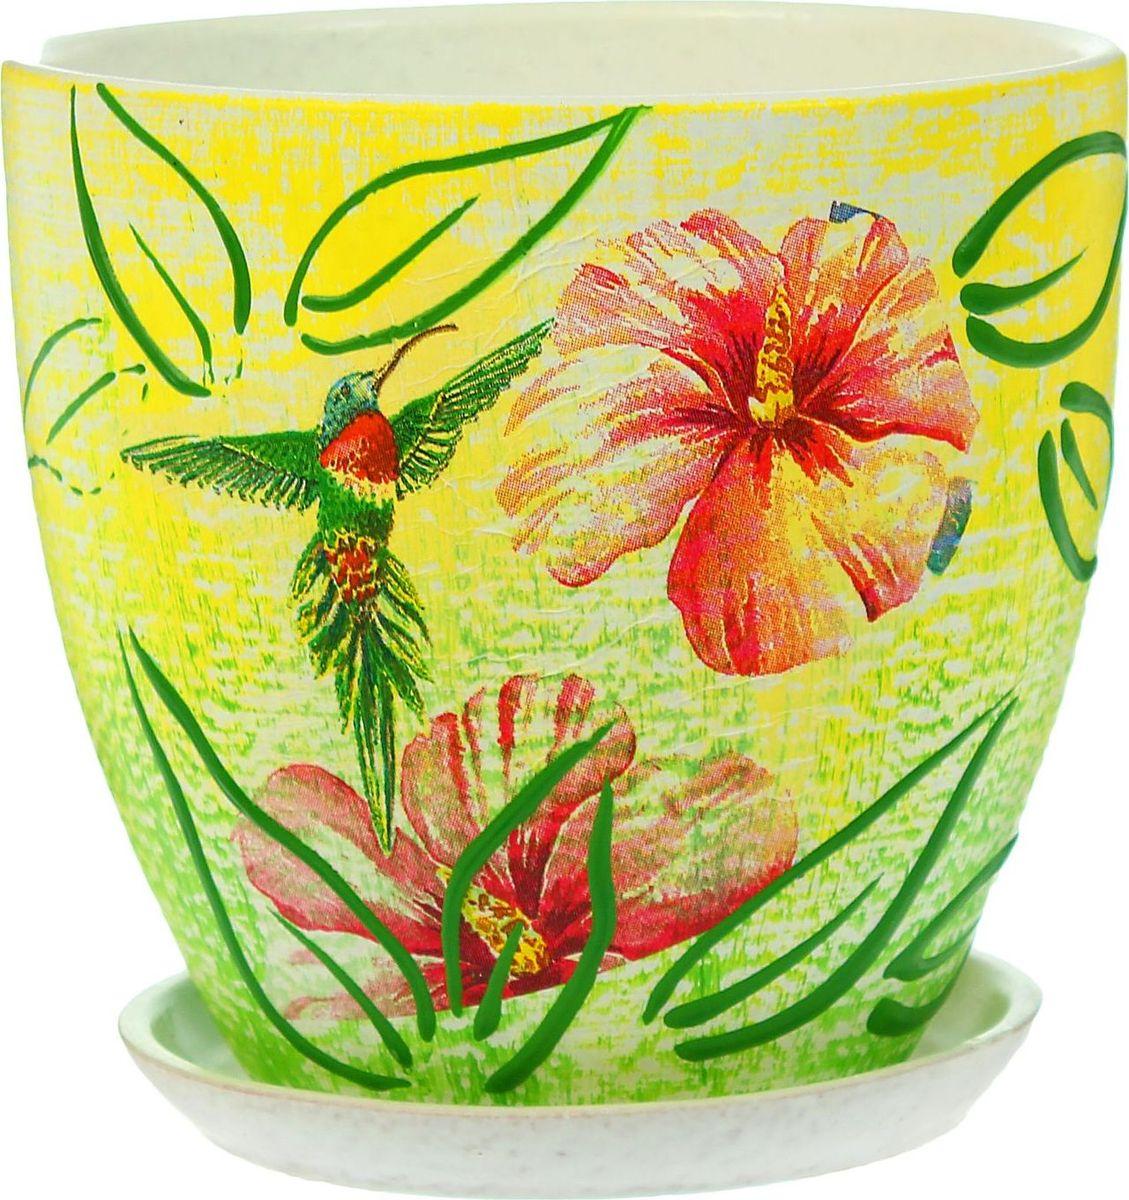 """Комнатные растения — всеобщие любимцы. Они радуют глаз, насыщают помещение кислородом и украшают пространство. Каждому из них необходим свой удобный и красивый дом.Кашпо из керамики прекрасно подходят для высадки растений:- за счёт пластичности глины и разных способов обработки существует великое множество форм и дизайнов;- пористый материал позволяет испаряться лишней влаге;- воздух, необходимый для дыхания корней, проникает сквозь керамические стенки!Кашпо """"Колибри"""" позаботится о зелёном питомце, освежит интерьер и подчеркнёт его стиль."""